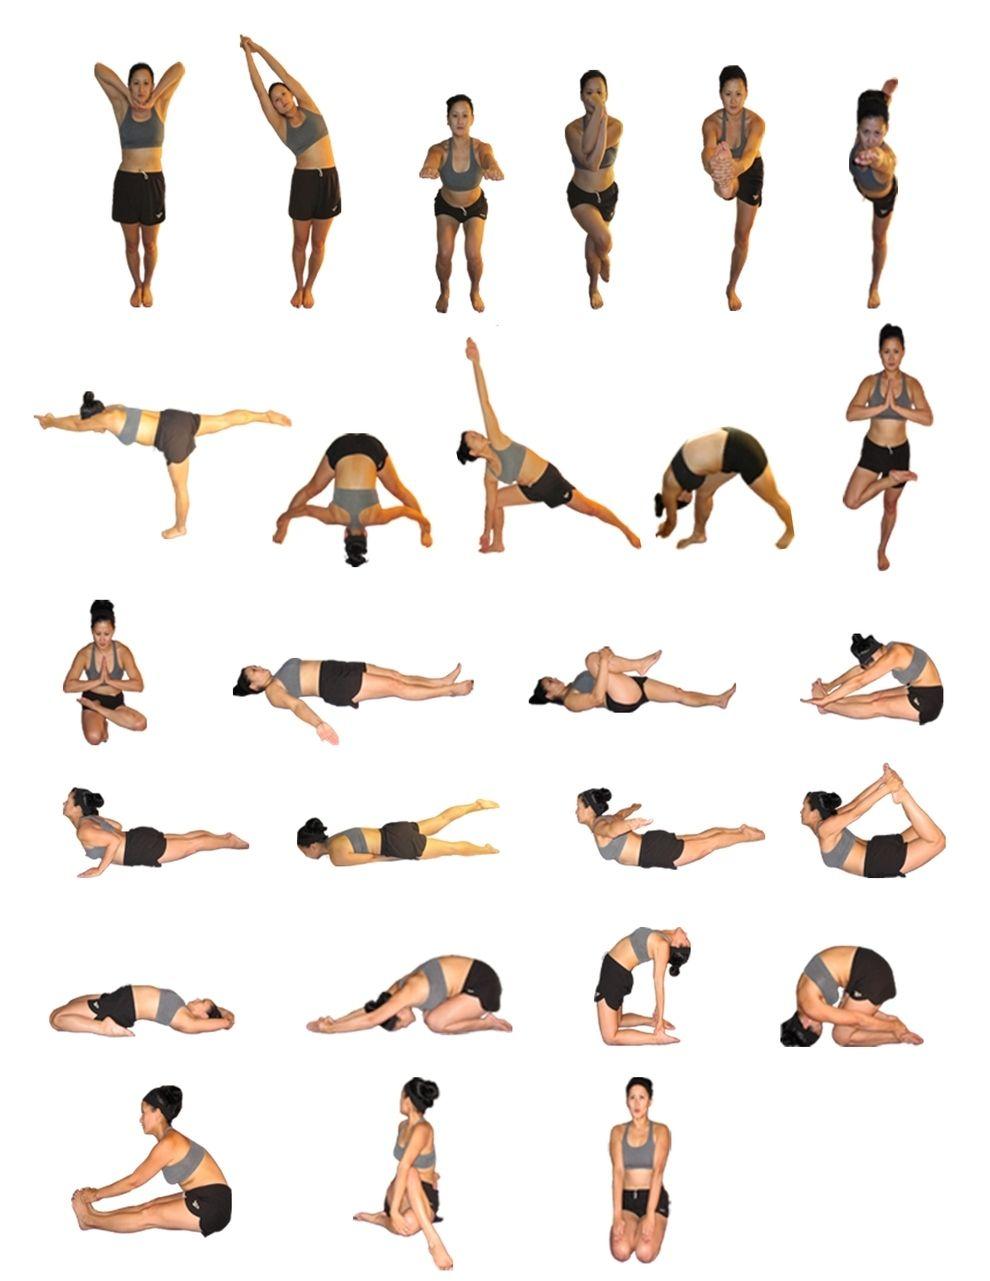 Bikram Yoga All Poses